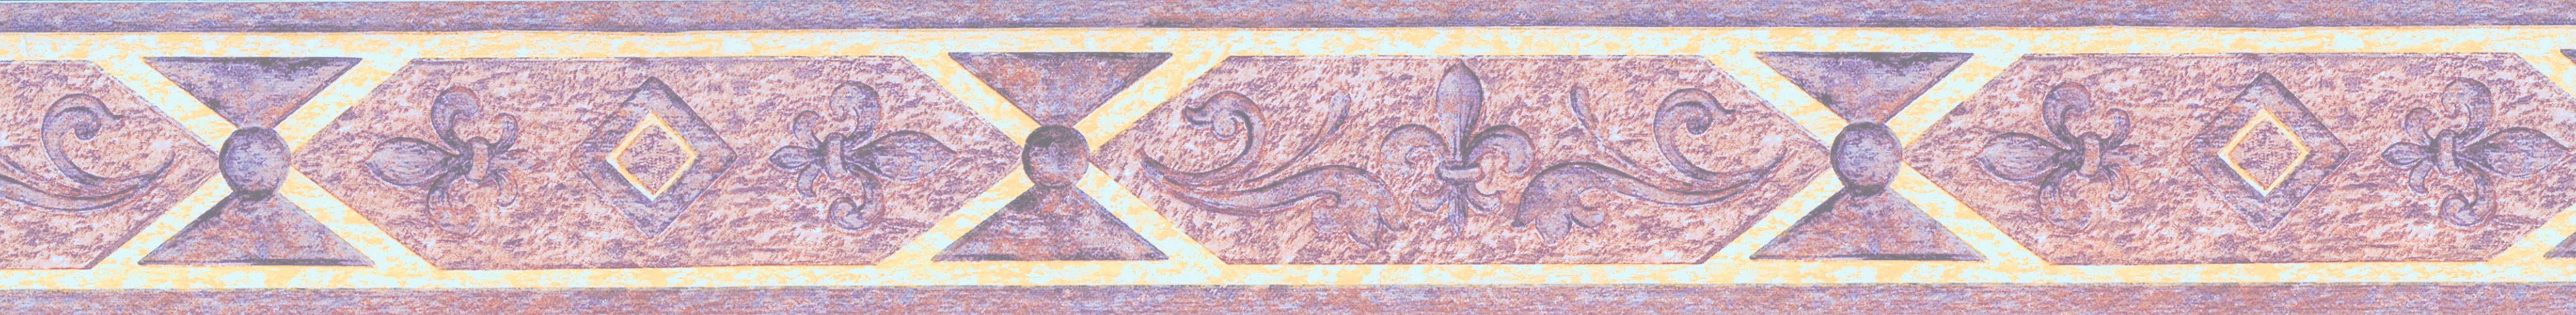 12 RT Di BORDO ADESIVO ART.273-1037 H.5,3  CM.X10MT.